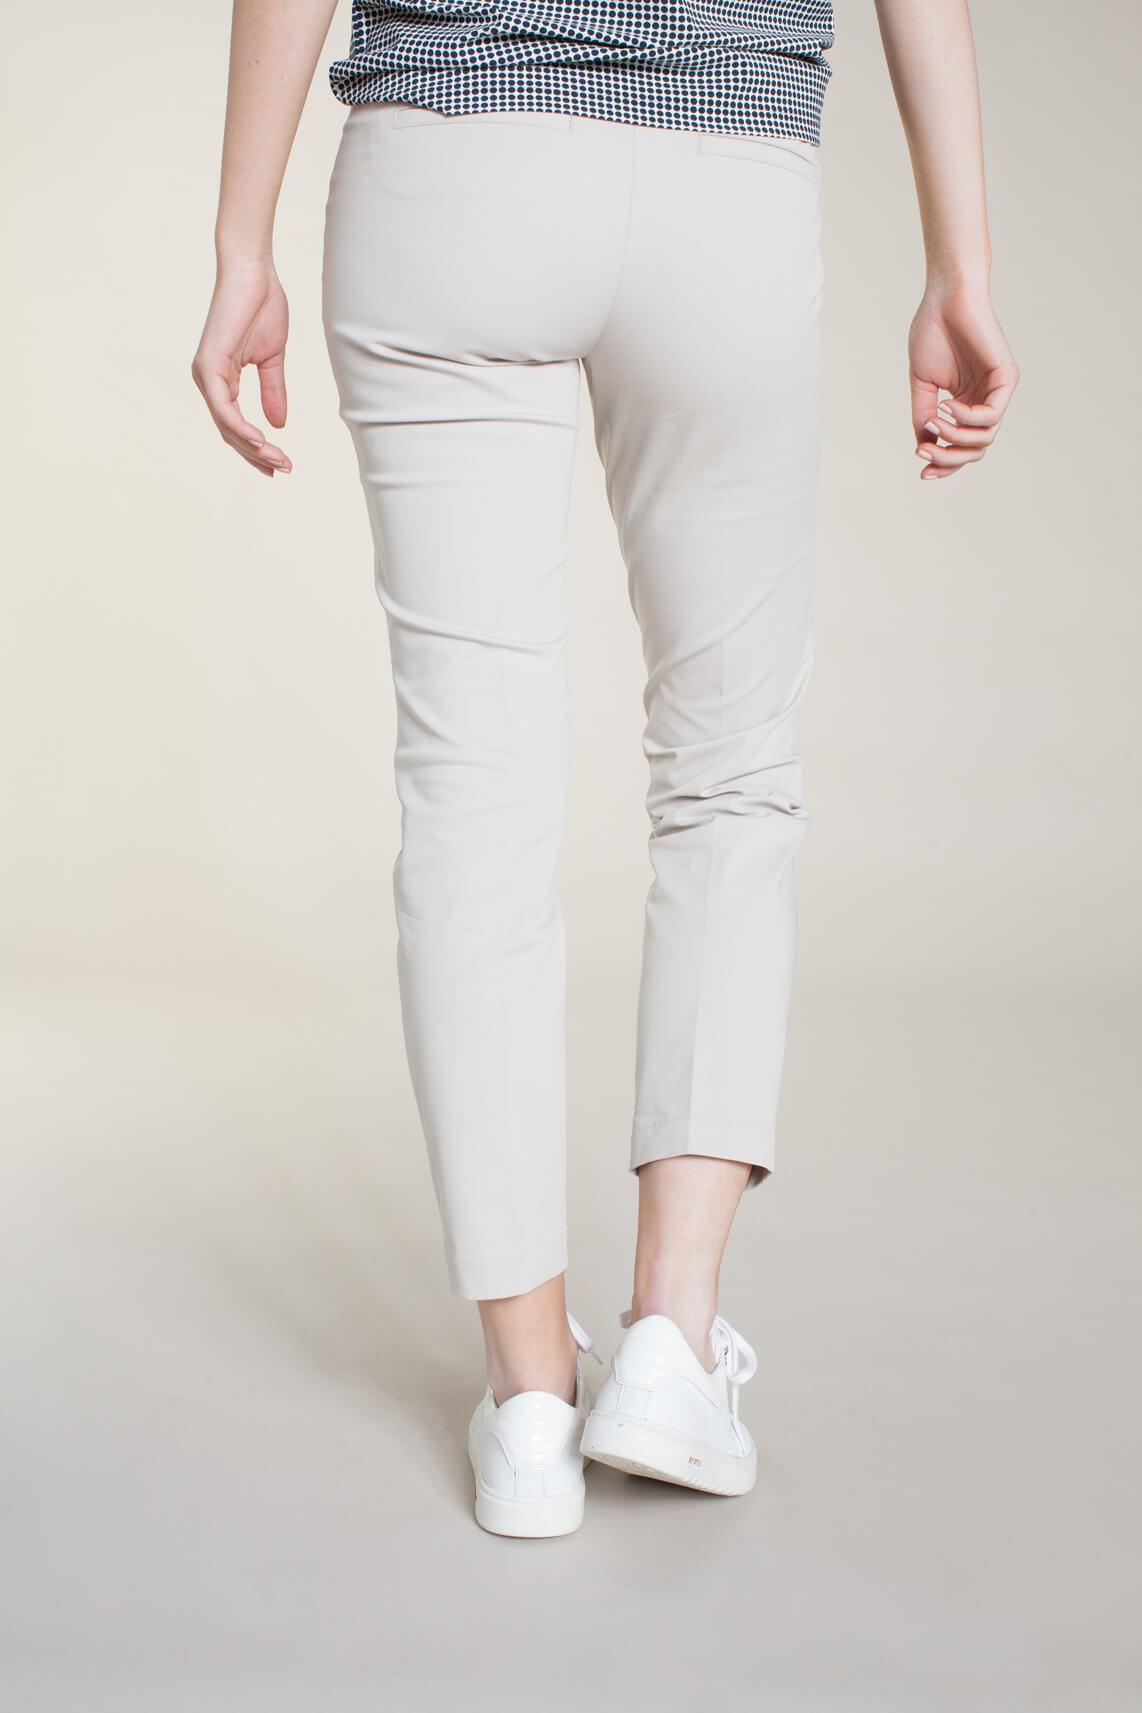 Cambio Dames Ros pantalon Ecru